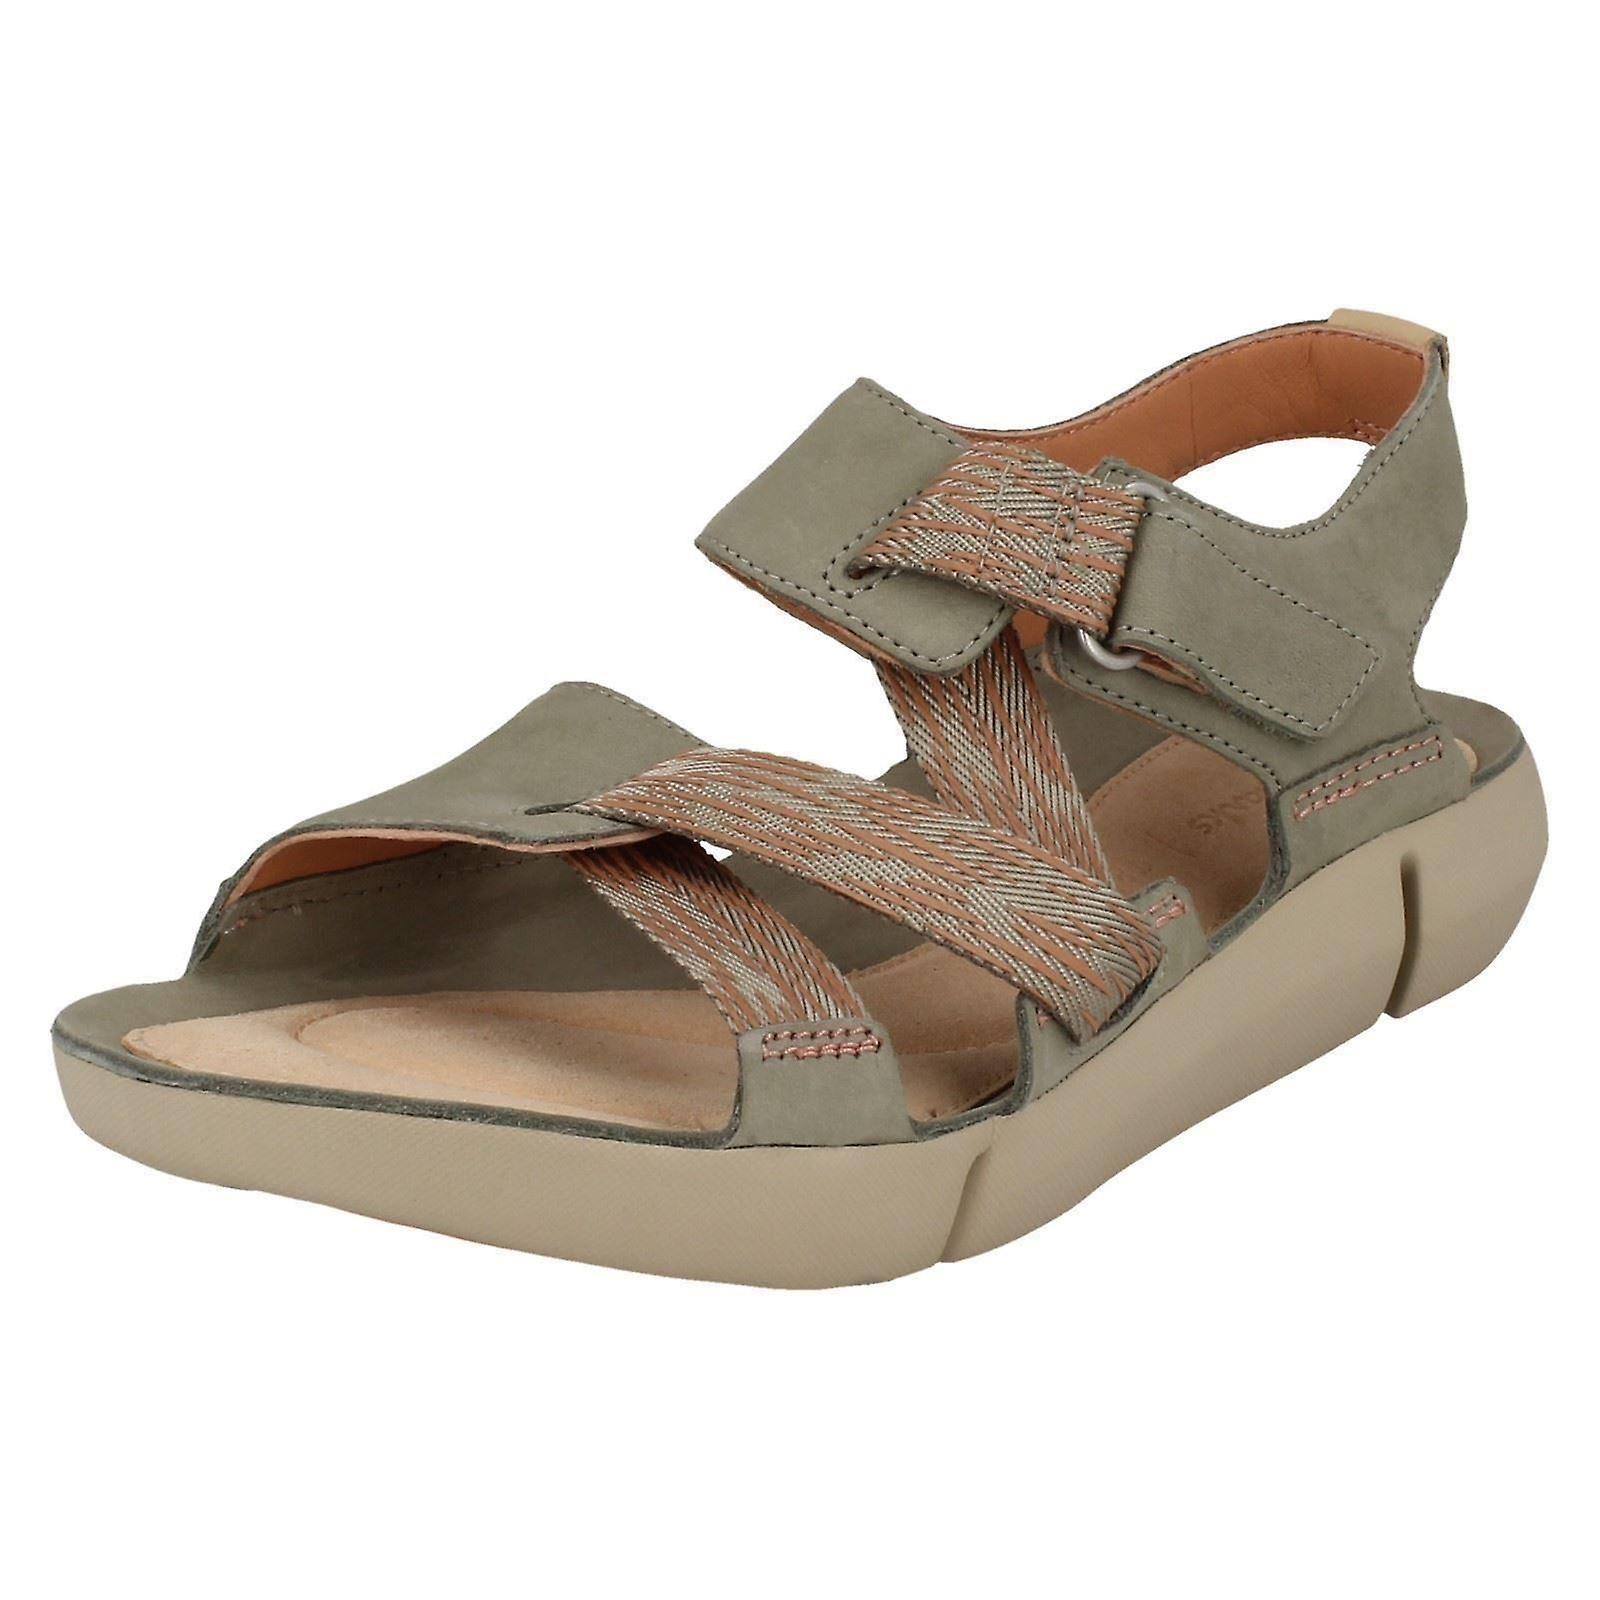 Damen Clarks sportliche Sandalen Tri Klee